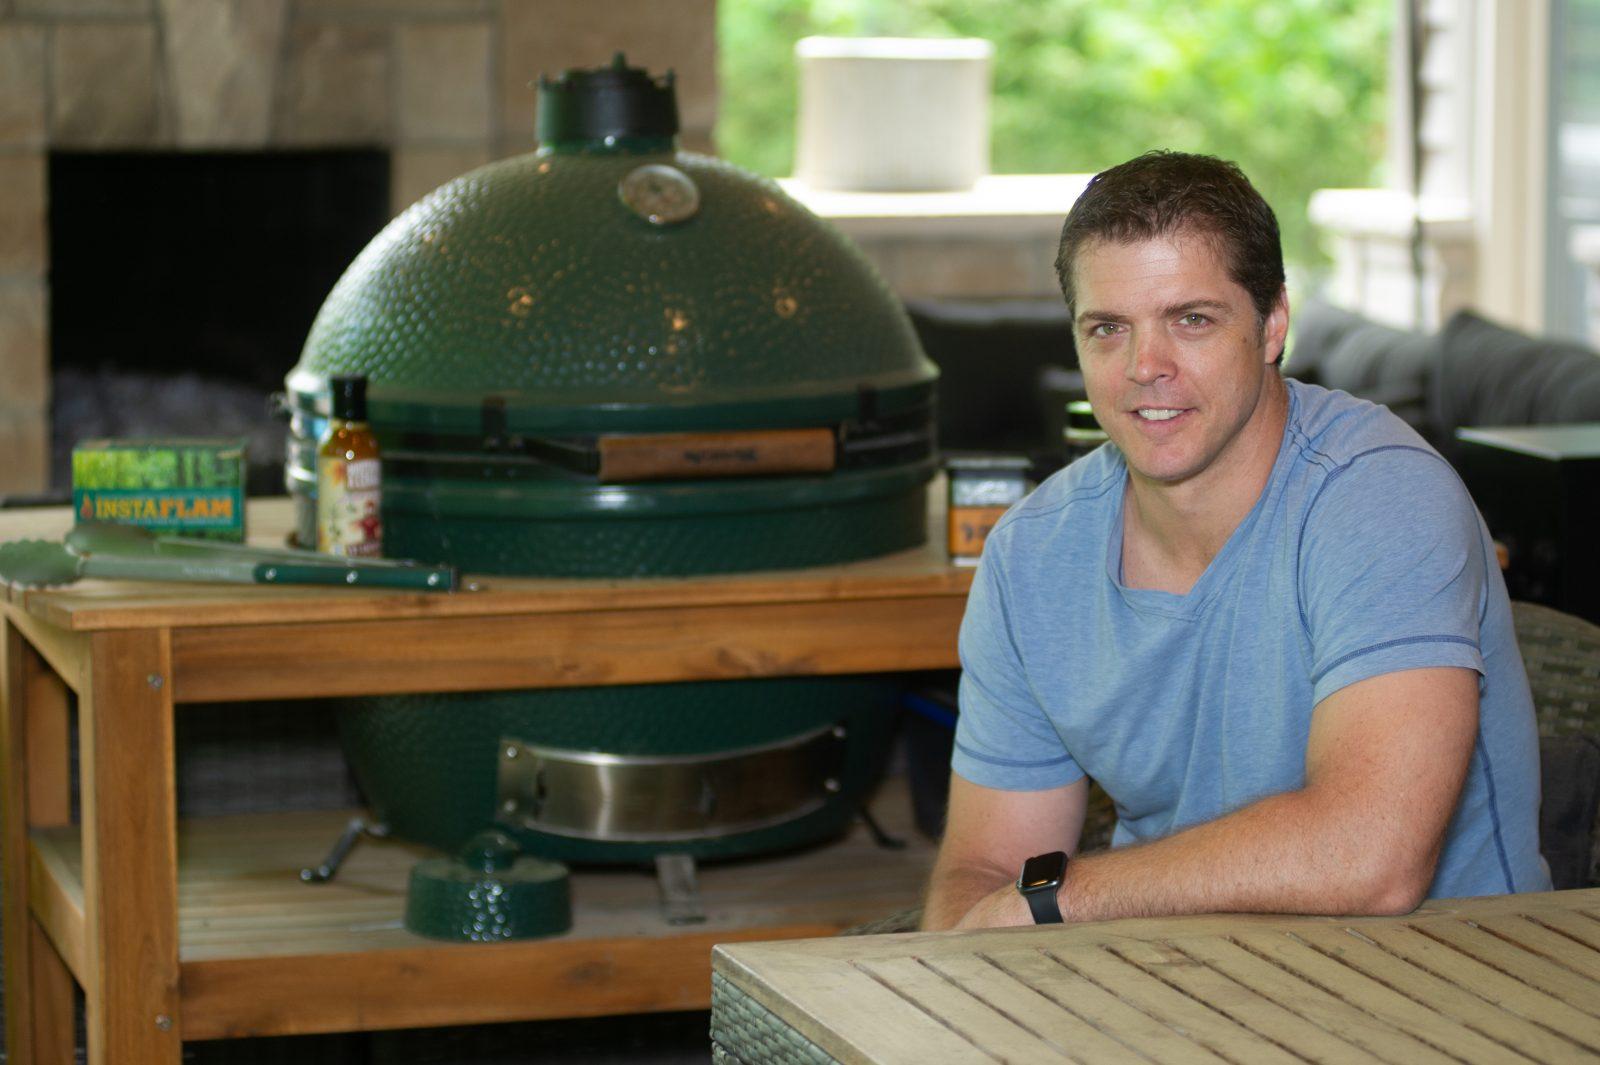 Après le hockey, Denis Gauthier découvre la télévision et… la cuisine sur barbecue